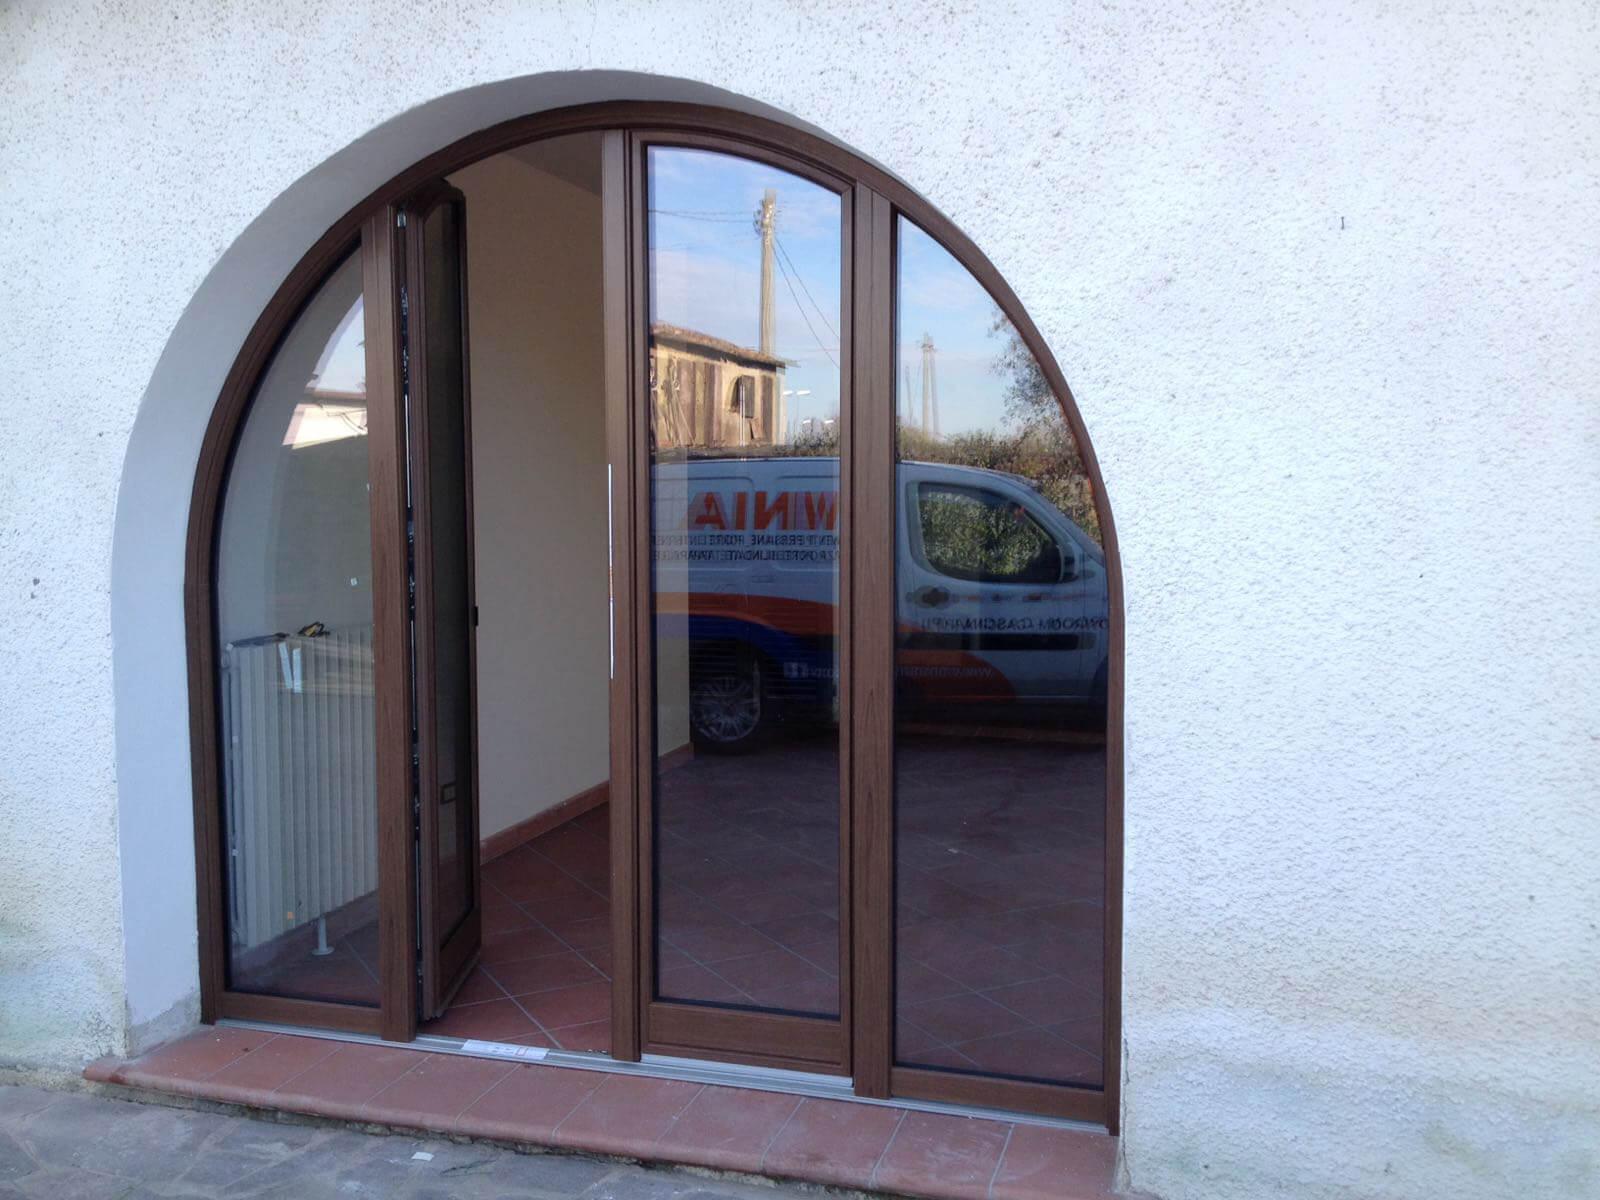 Infissi ad arco in pvc finstral e persiane in alluminio omnia serramenti - Finestre ad arco ...